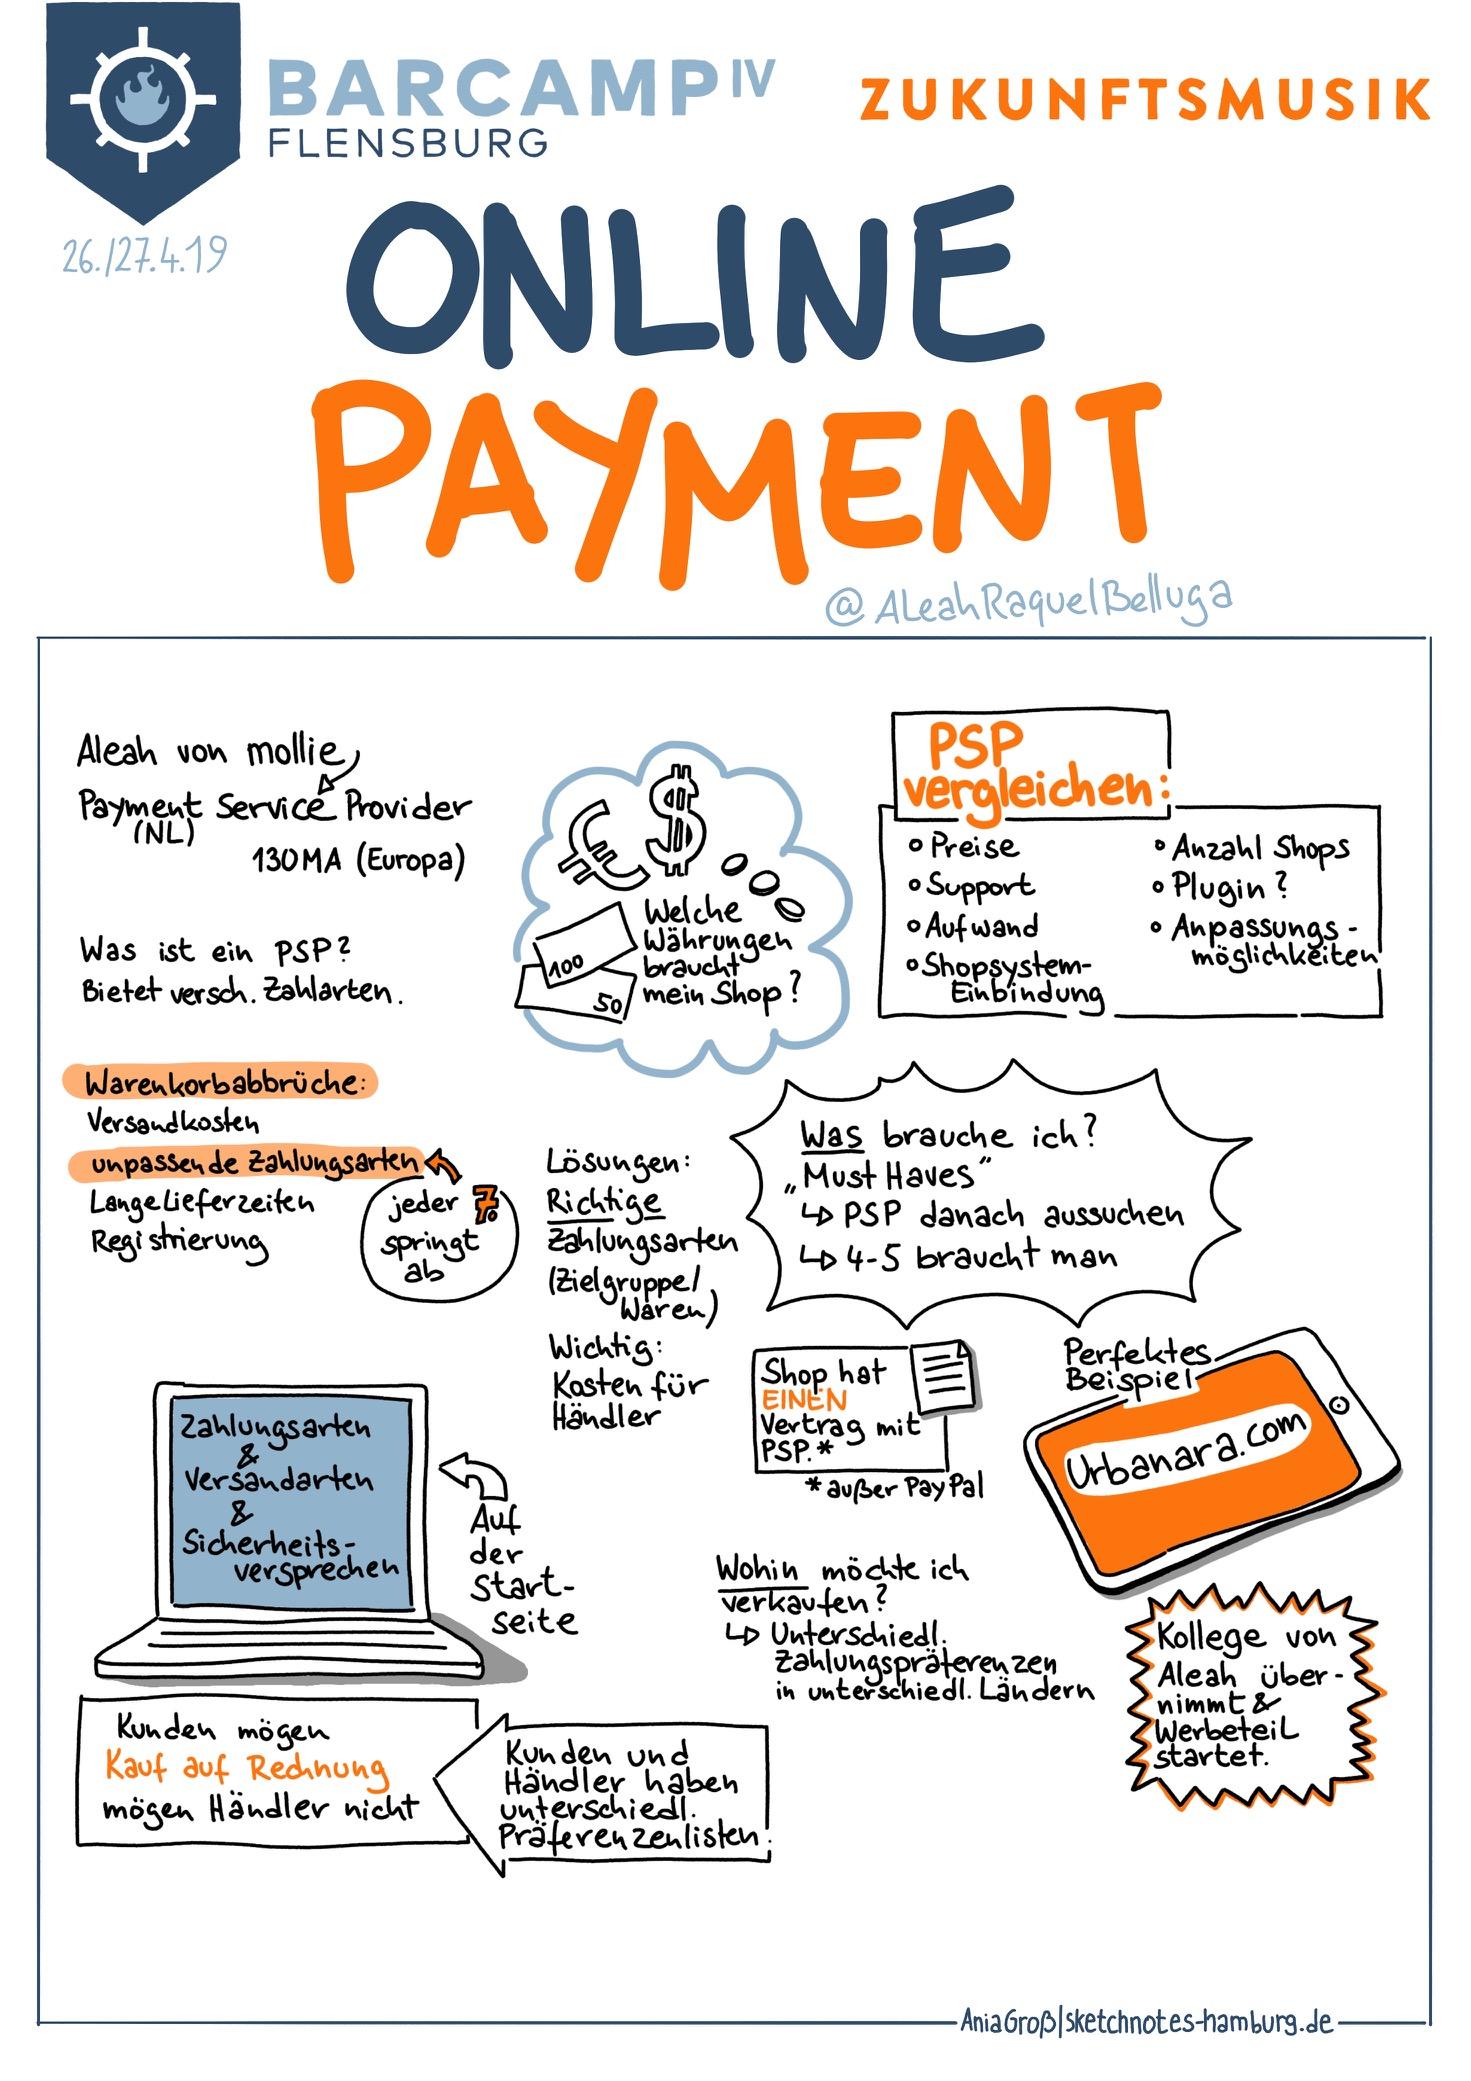 Aleah hat uns Payment-Service-Provider (PSP, englisch für Zahlungsdienstleister) bezeichnet man Unternehmen, die sich um die Anbindung von Online-Bezahlmethoden bei Onlineshops kümmern vorgestellt. Unterschiedliche Zielgruppen mögen unterschiedliche Bezahlarten, deshalb ist es sinnvoll mehrere in Webshops anzubieten. Das übernehmen die PSP. Sketchnotes: © Ania Groß